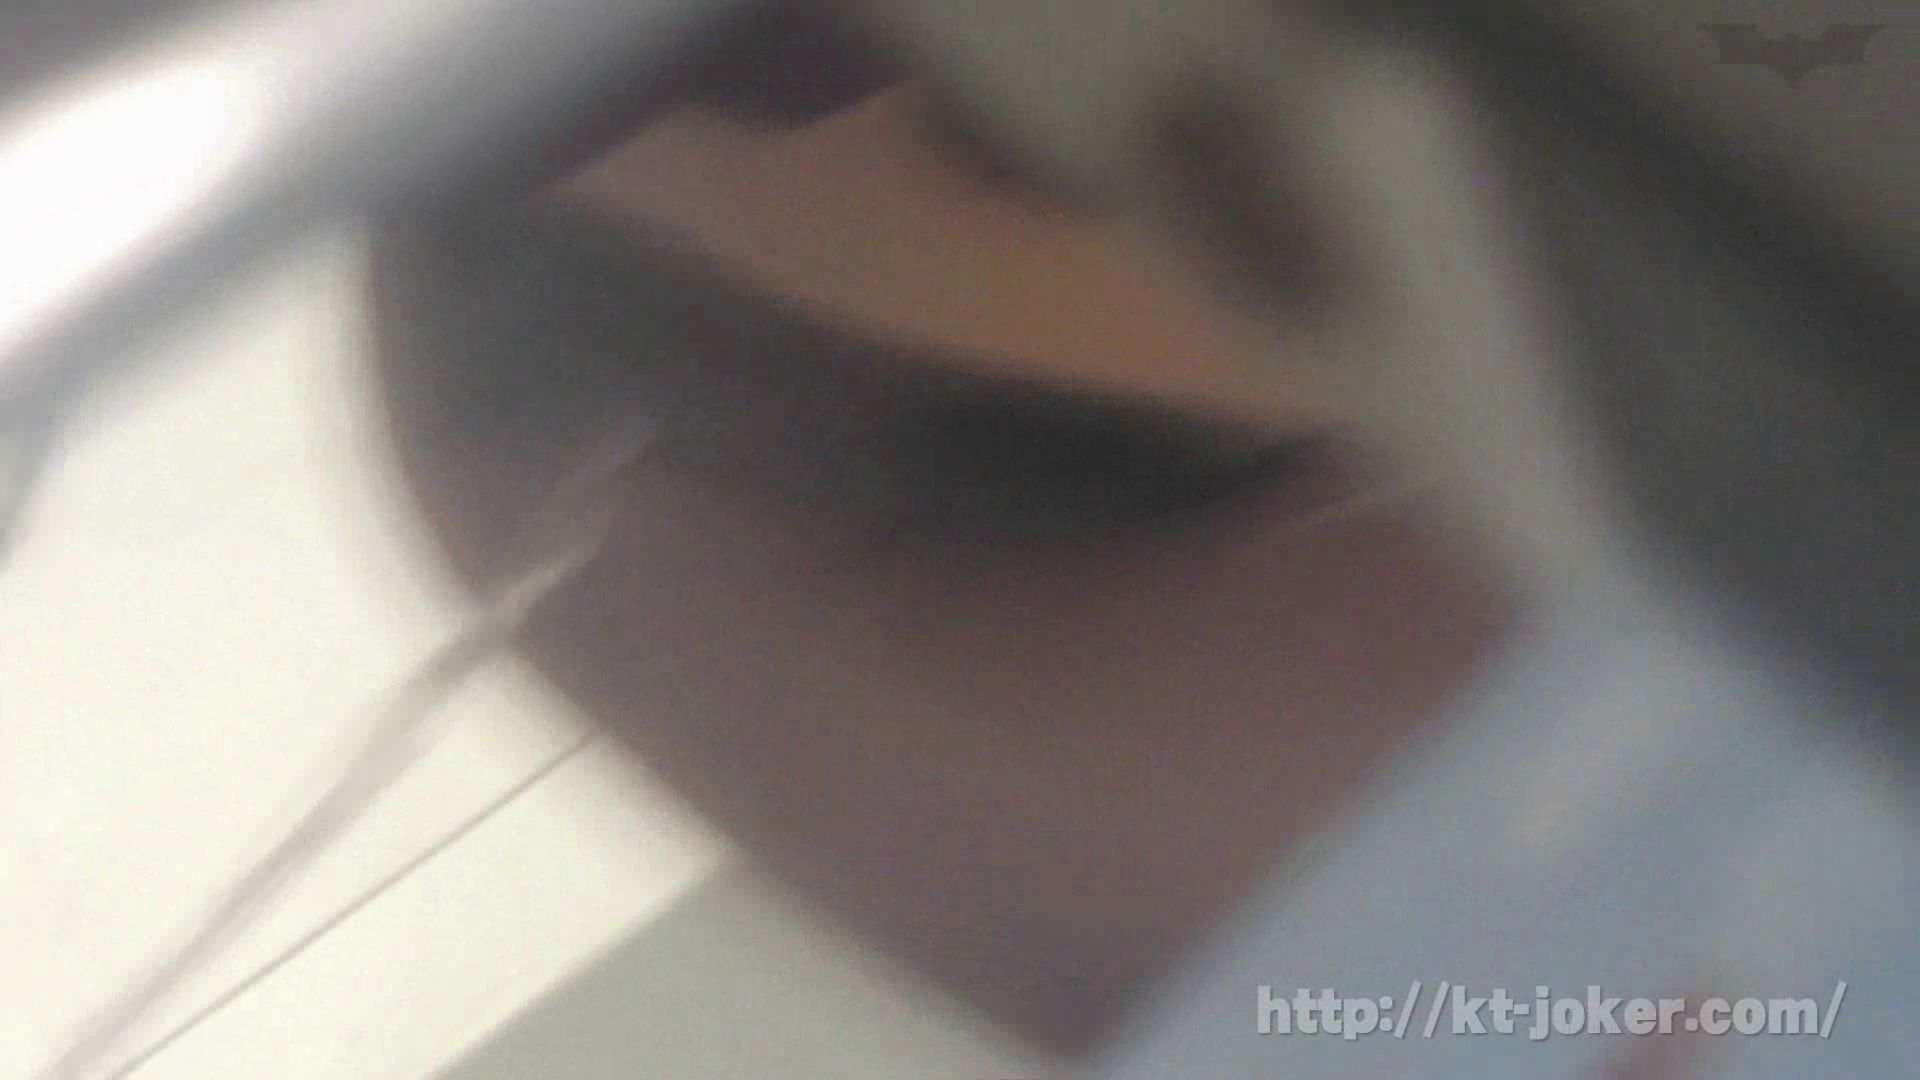 命がけ潜伏洗面所! vol.68 レベルアップ!! エロティックなOL   洗面所はめどり  92画像 85